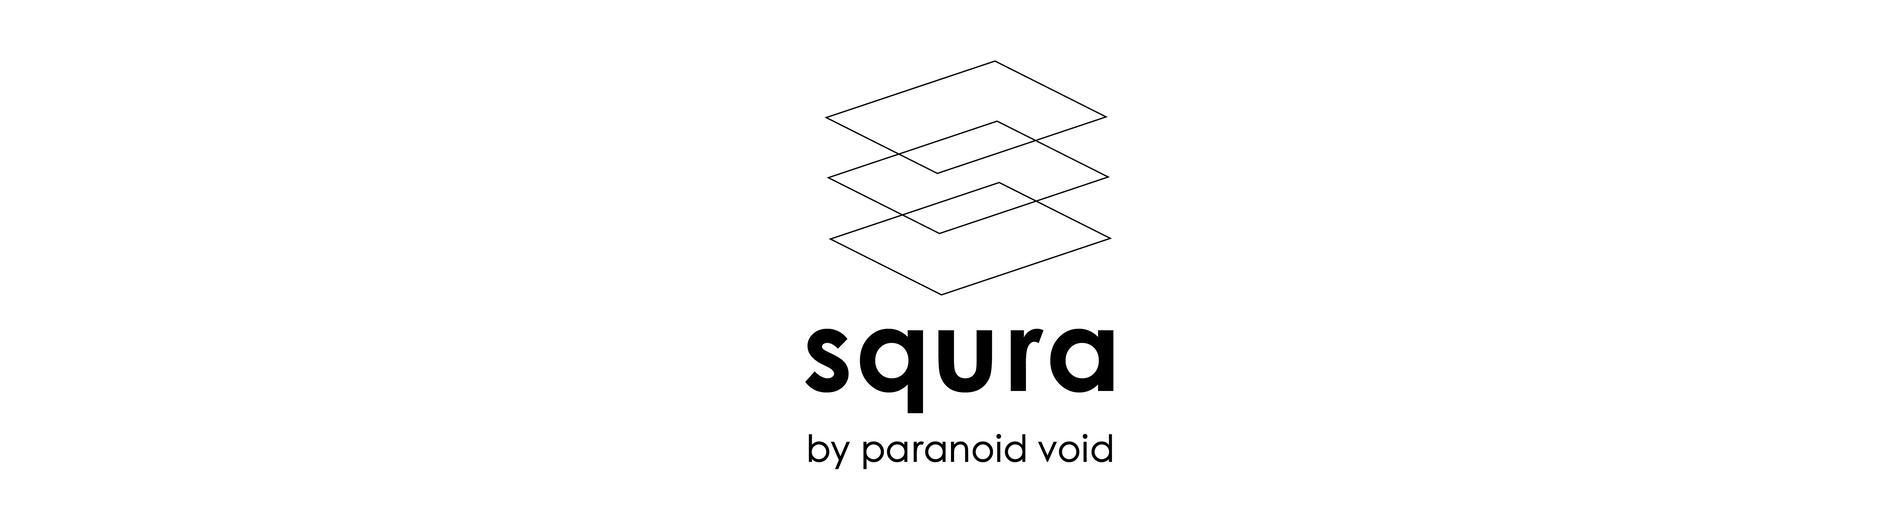 squra by paranoidvoid